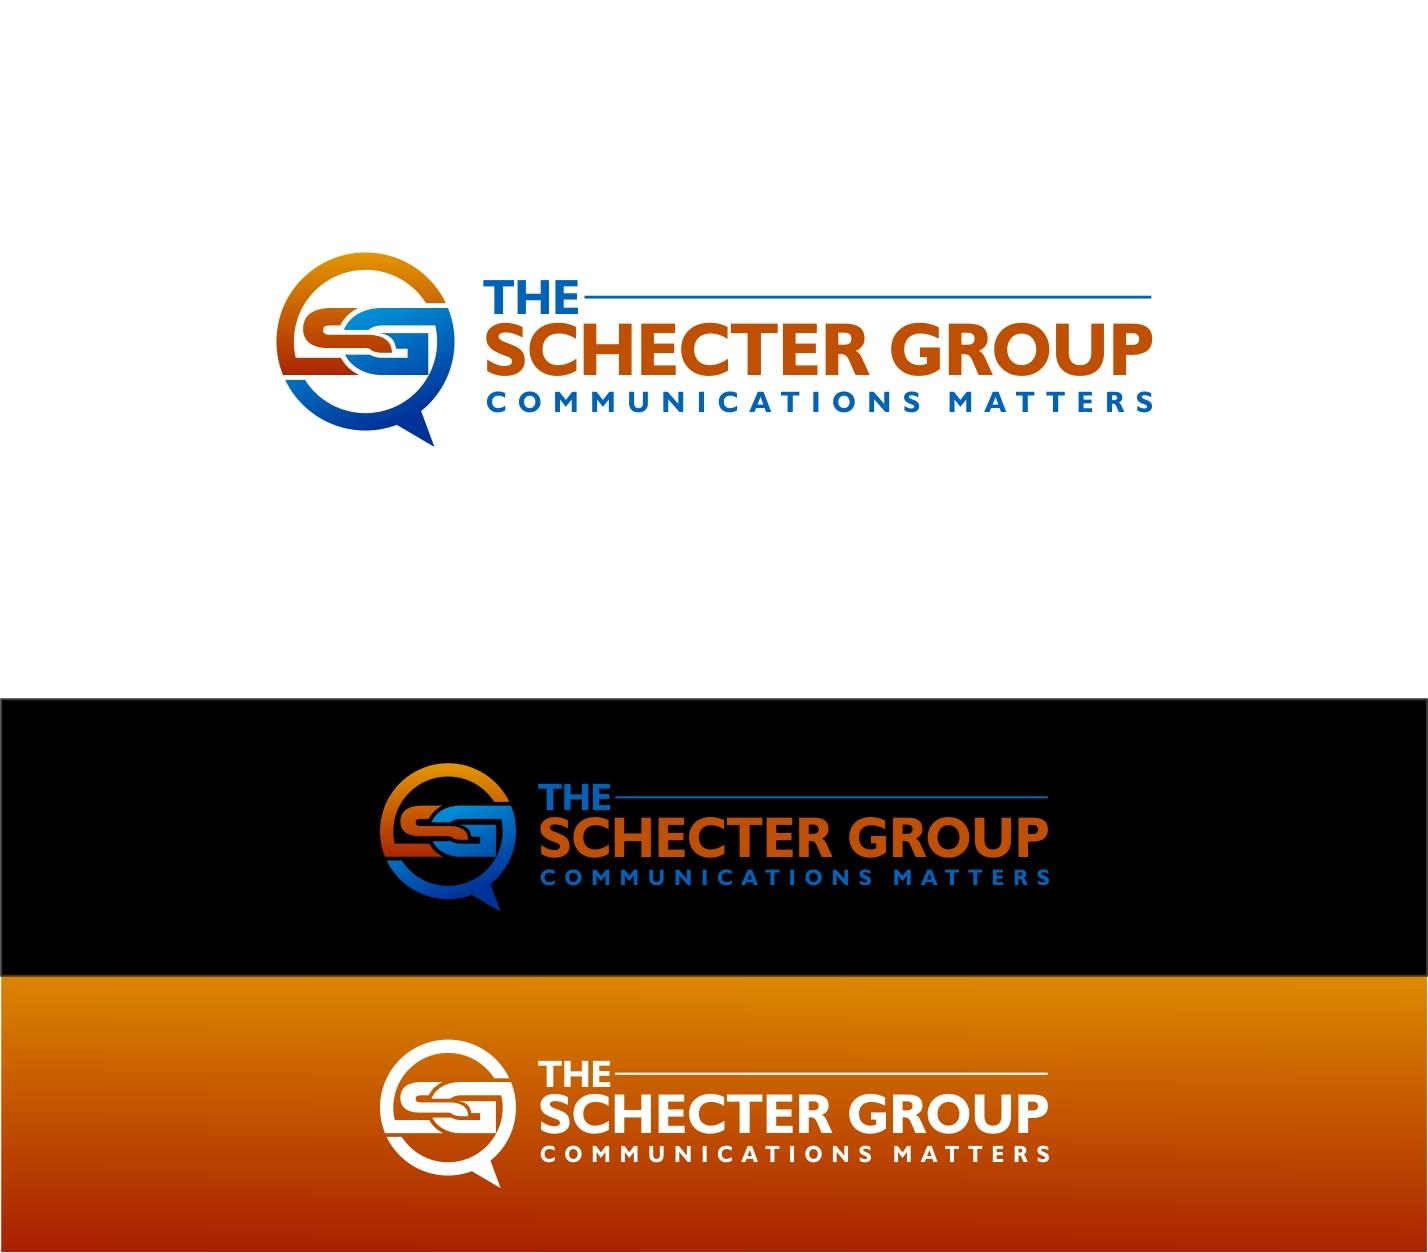 Logo Design by haidu - Entry No. 34 in the Logo Design Contest Inspiring Logo Design for The Schecter Group.